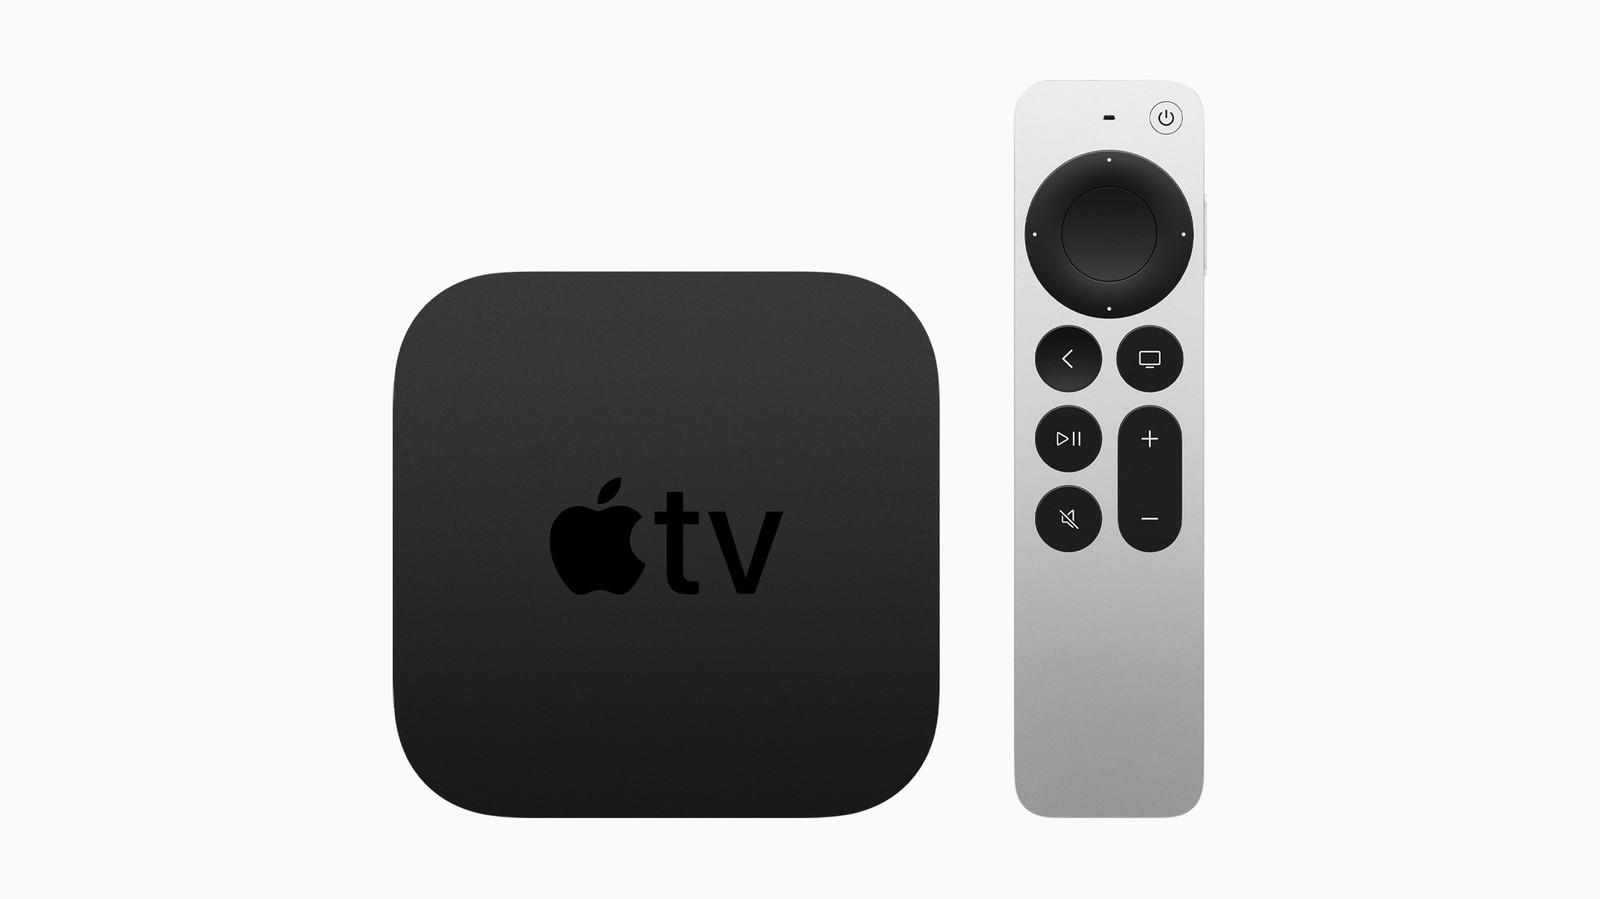 De volgende generatie Apple TV 4K en Siri afstandsbediening.